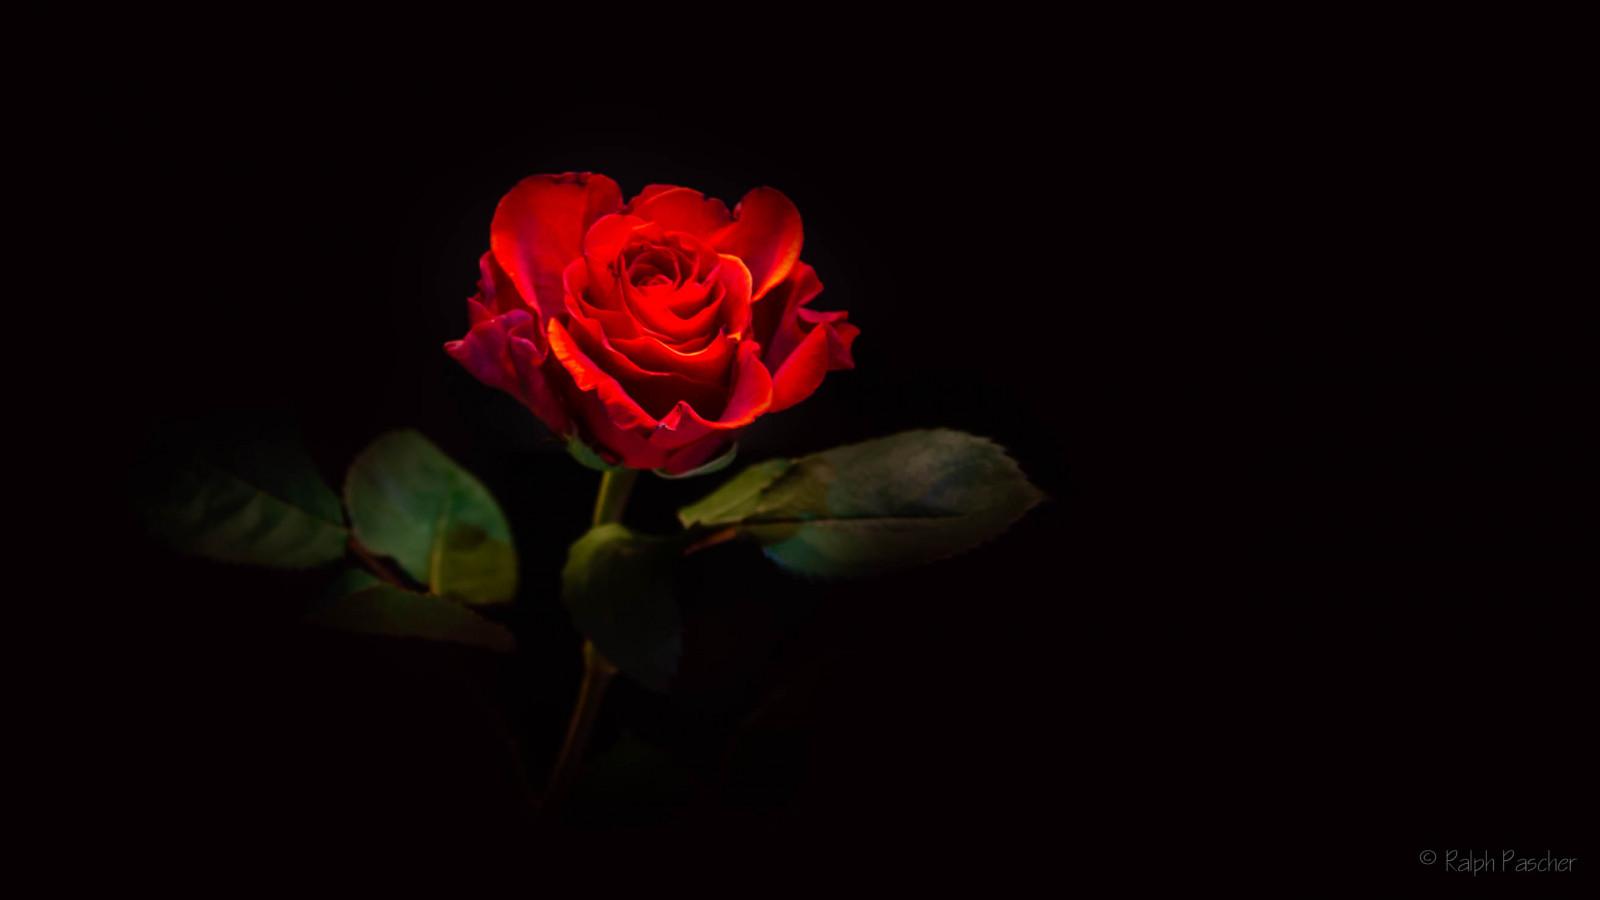 Hình Nền : Đen, Đỏ, Nhiếp Ảnh, Bông Hồng, Ánh Sáng, Lá, Thực Vật, Gr N,  Gren, Bóng Tối, Cánh Hoa, Thúi, Schwarz, Dunkelheit, Blume, Hình Nền Máy  Tính, ...